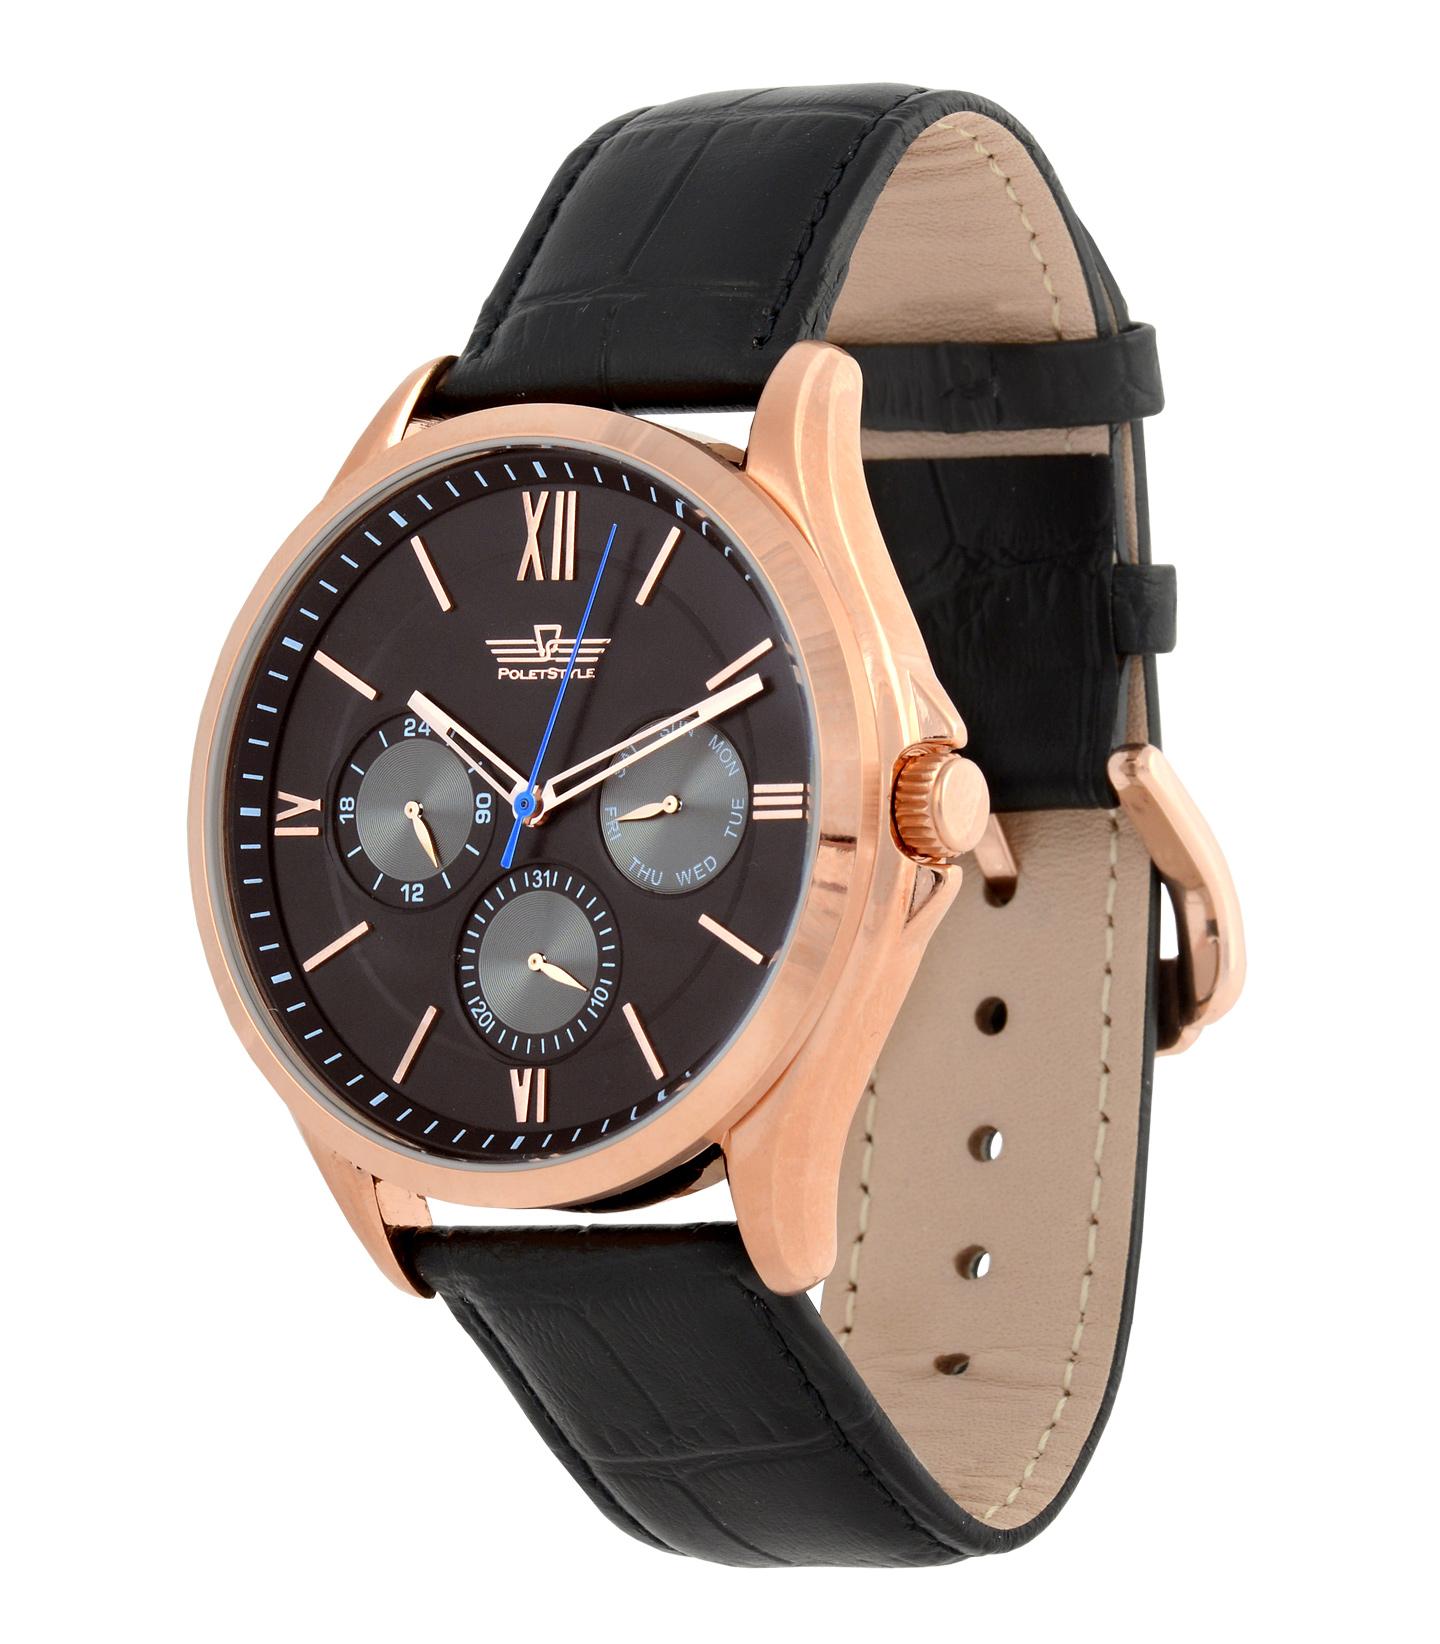 Характеристики, фото, отзывы, продажа в каталоге цен livening-russia.ru хорошие цены на мужские часы наручные в интернет-магазинах иркутска.